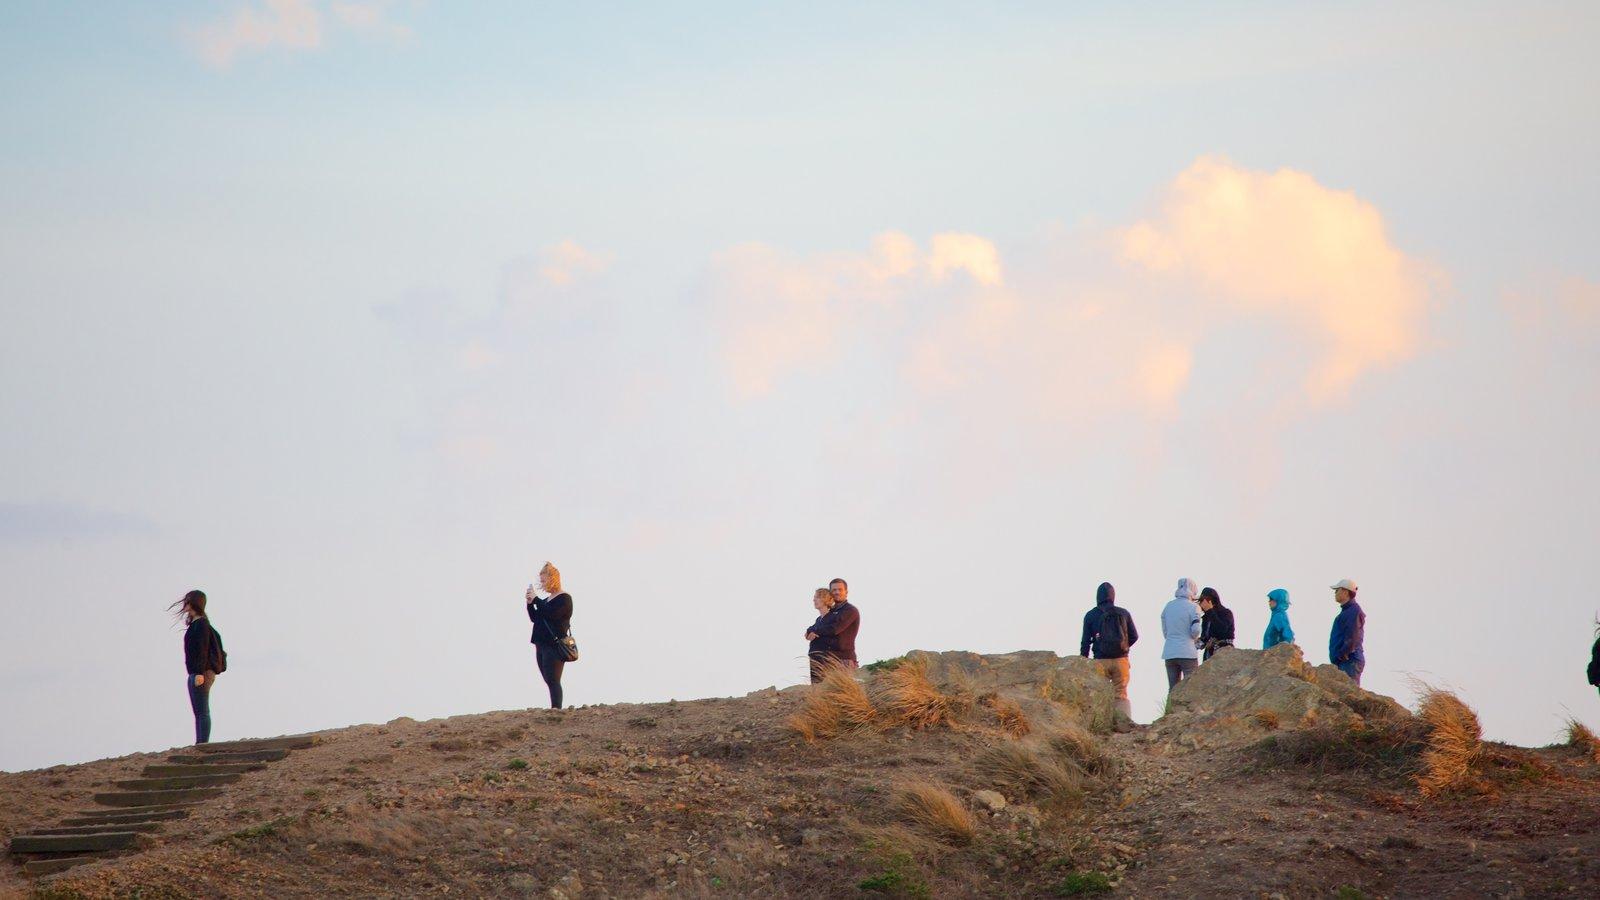 Twin Peaks caracterizando cenas tranquilas e escalada ou caminhada assim como um pequeno grupo de pessoas